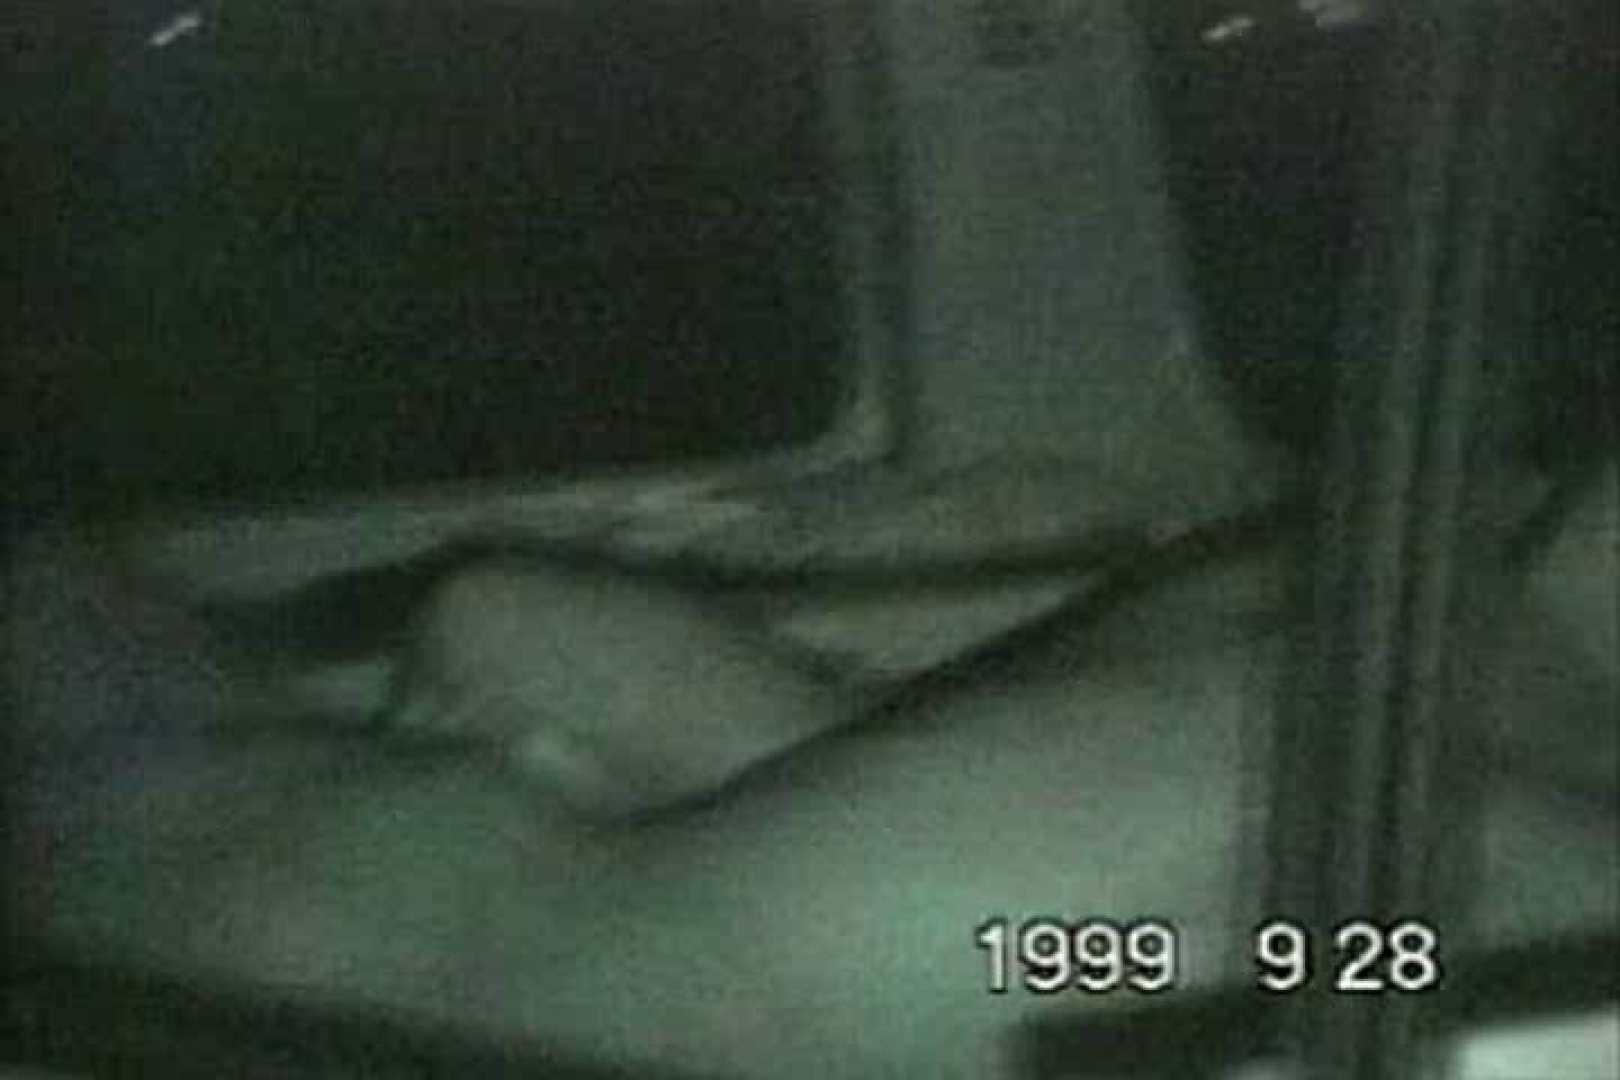 蔵出し!!赤外線カーセックスVol.17 OLの実態 盗み撮りAV無料動画キャプチャ 83pic 8